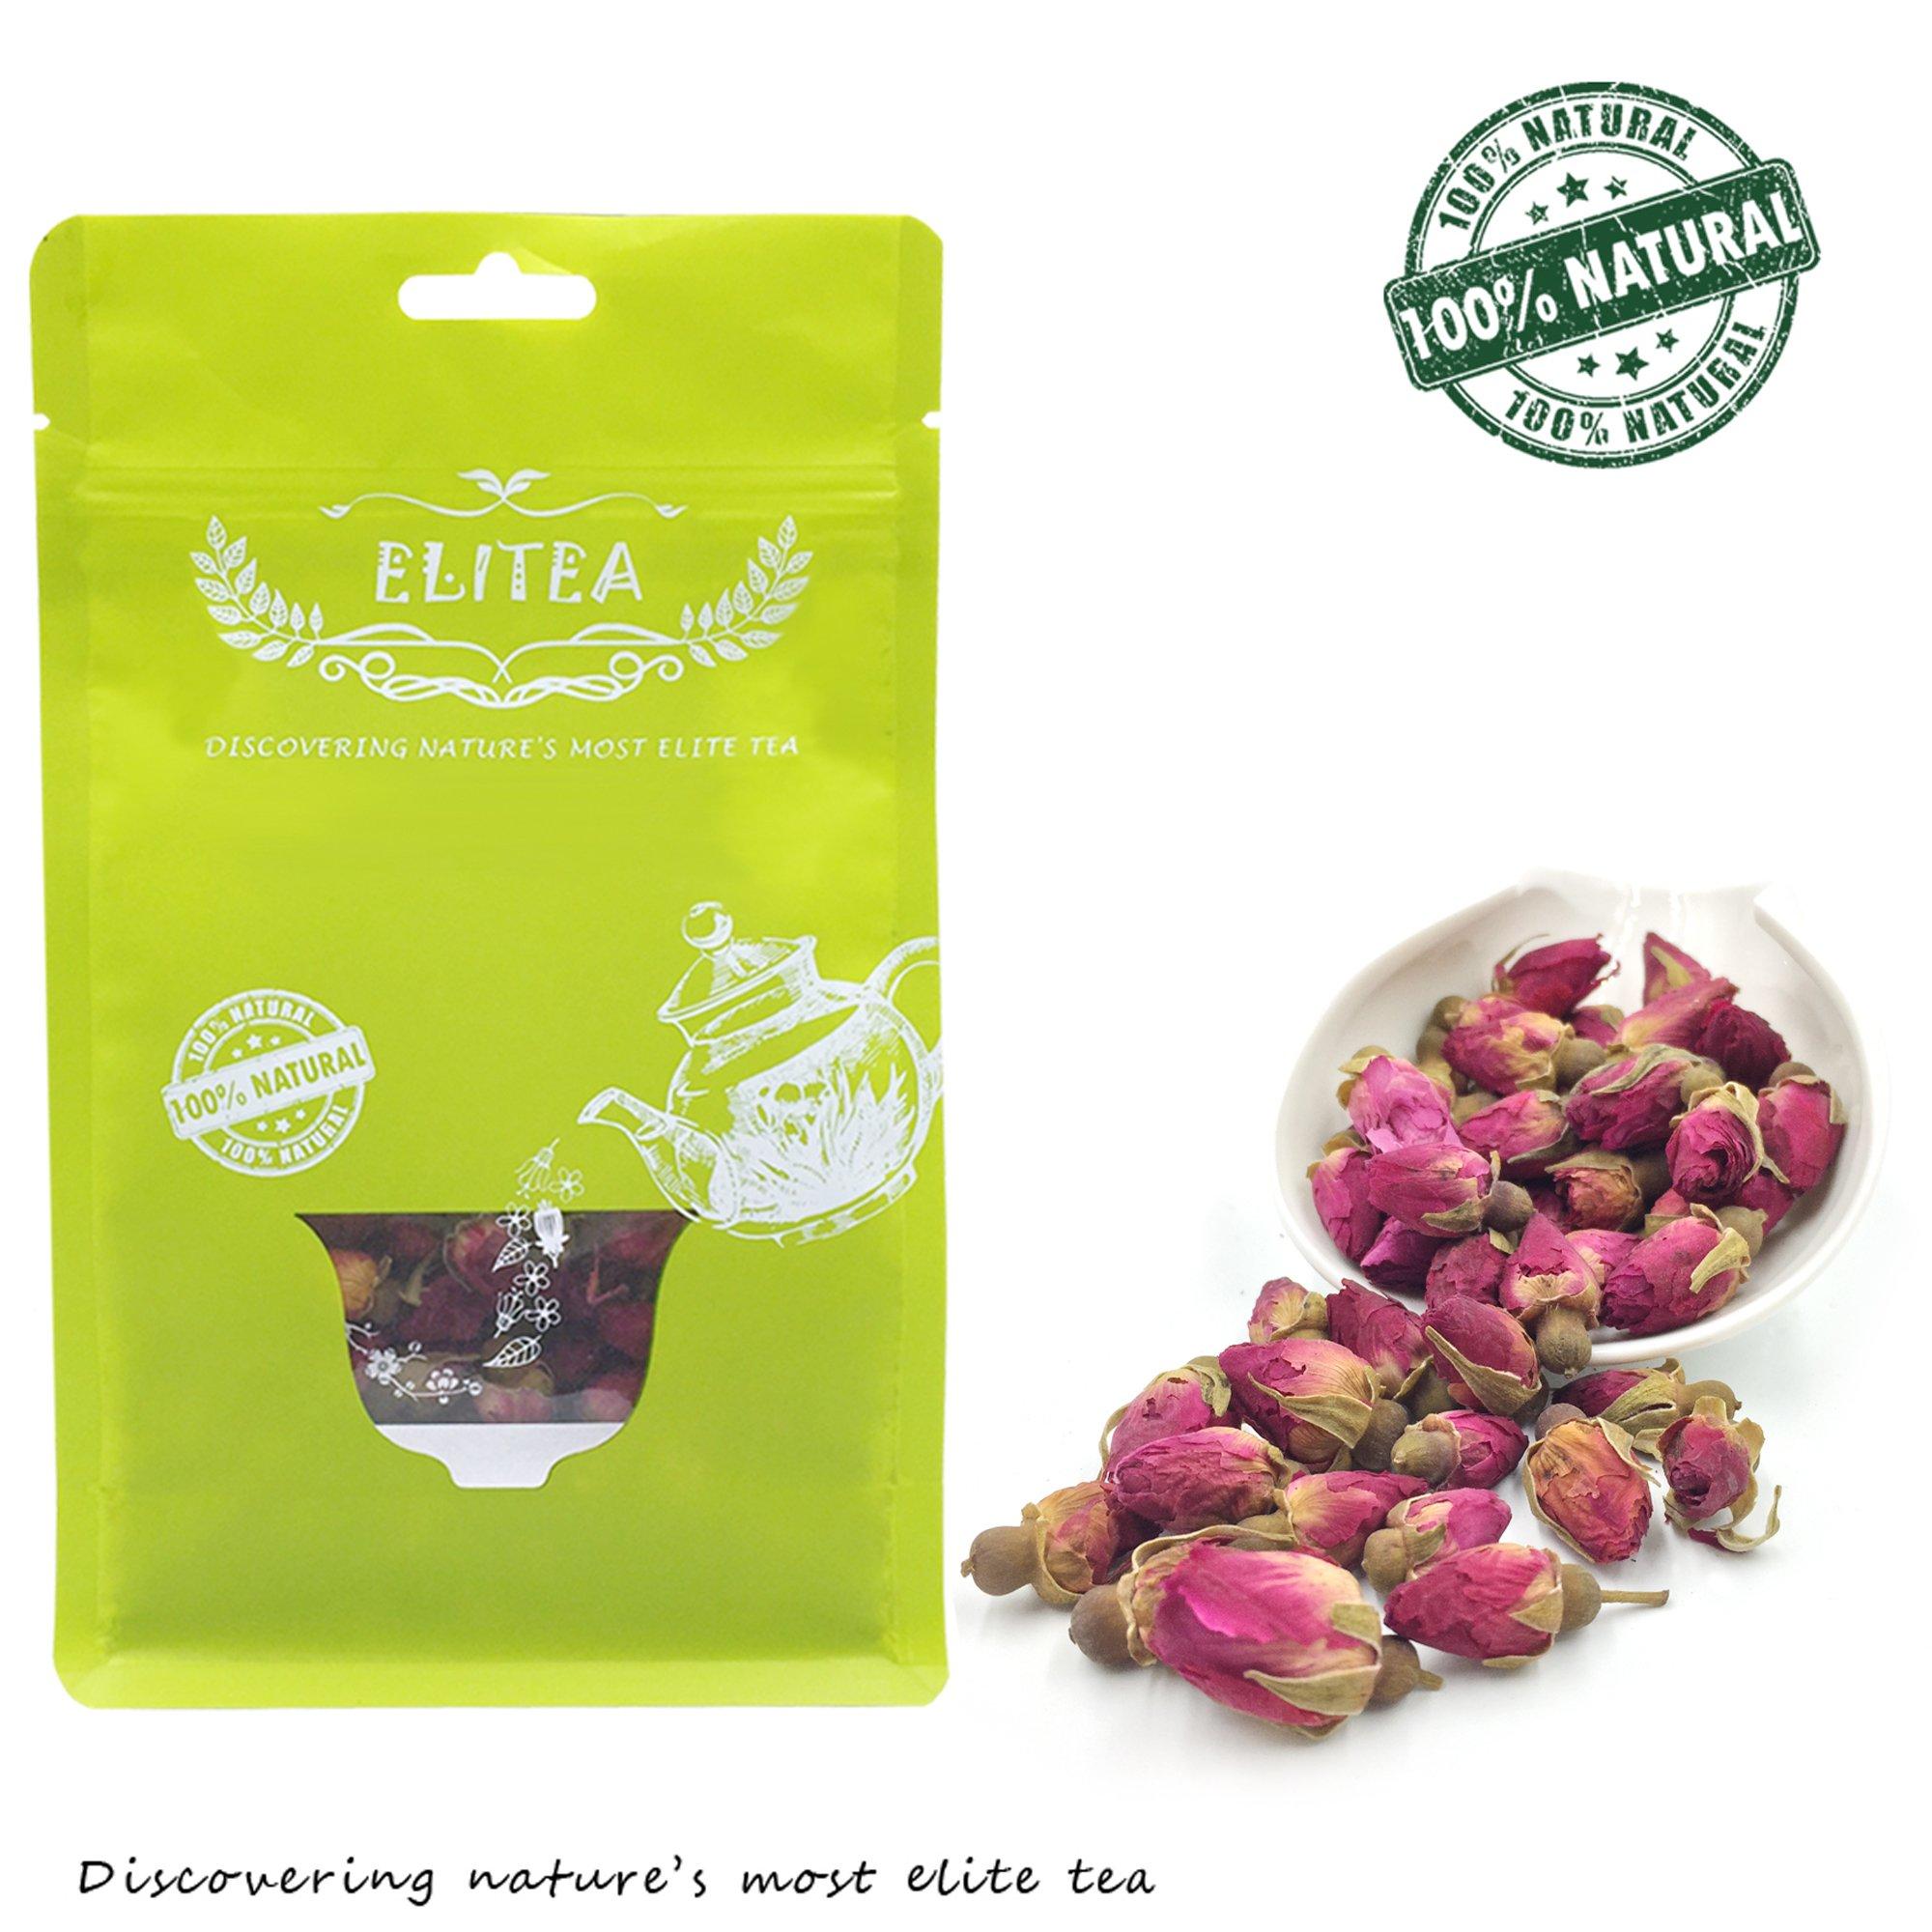 Amazon dechunxiandried jasmine bud jasmine flower tea elitea 53oz dried rose buds rosebud flower herb loose leaf tea 150g 100 fragrant dhlflorist Gallery